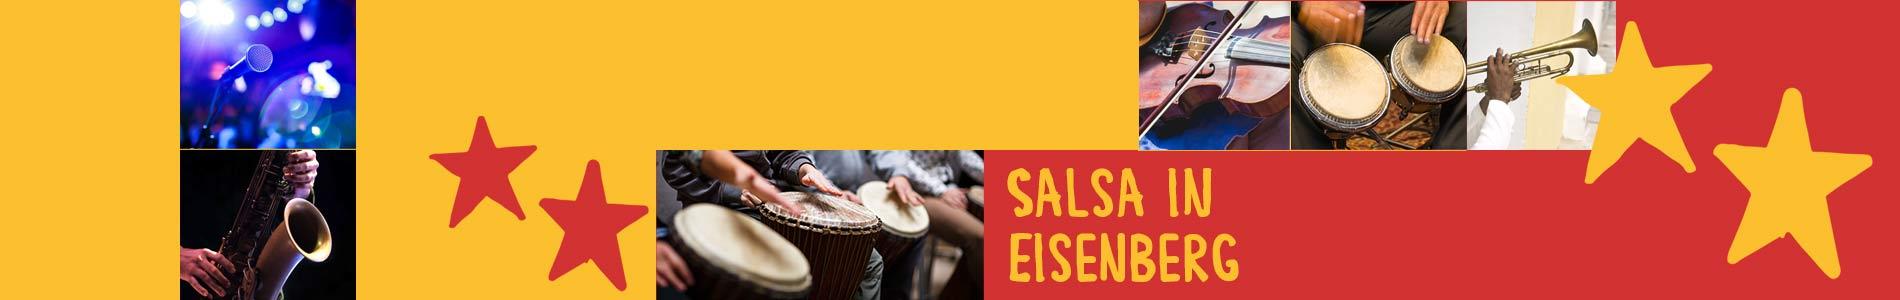 Salsa in Eisenberg – Salsa lernen und tanzen, Tanzkurse, Partys, Veranstaltungen